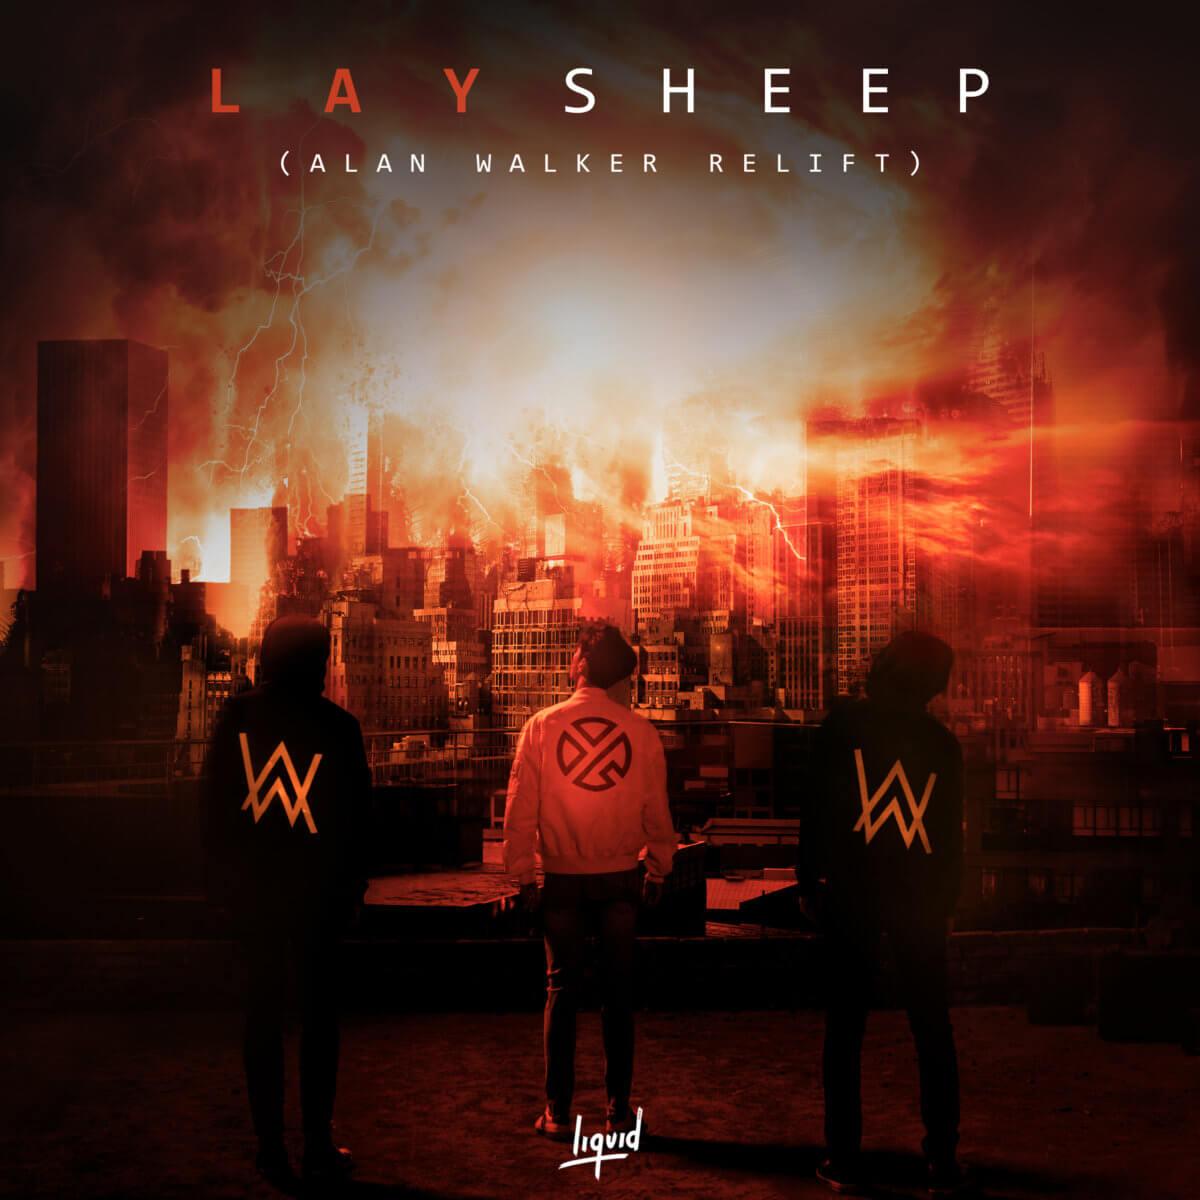 دانلود اهنگ Alan Walker & Lay به نام Sheep Relift